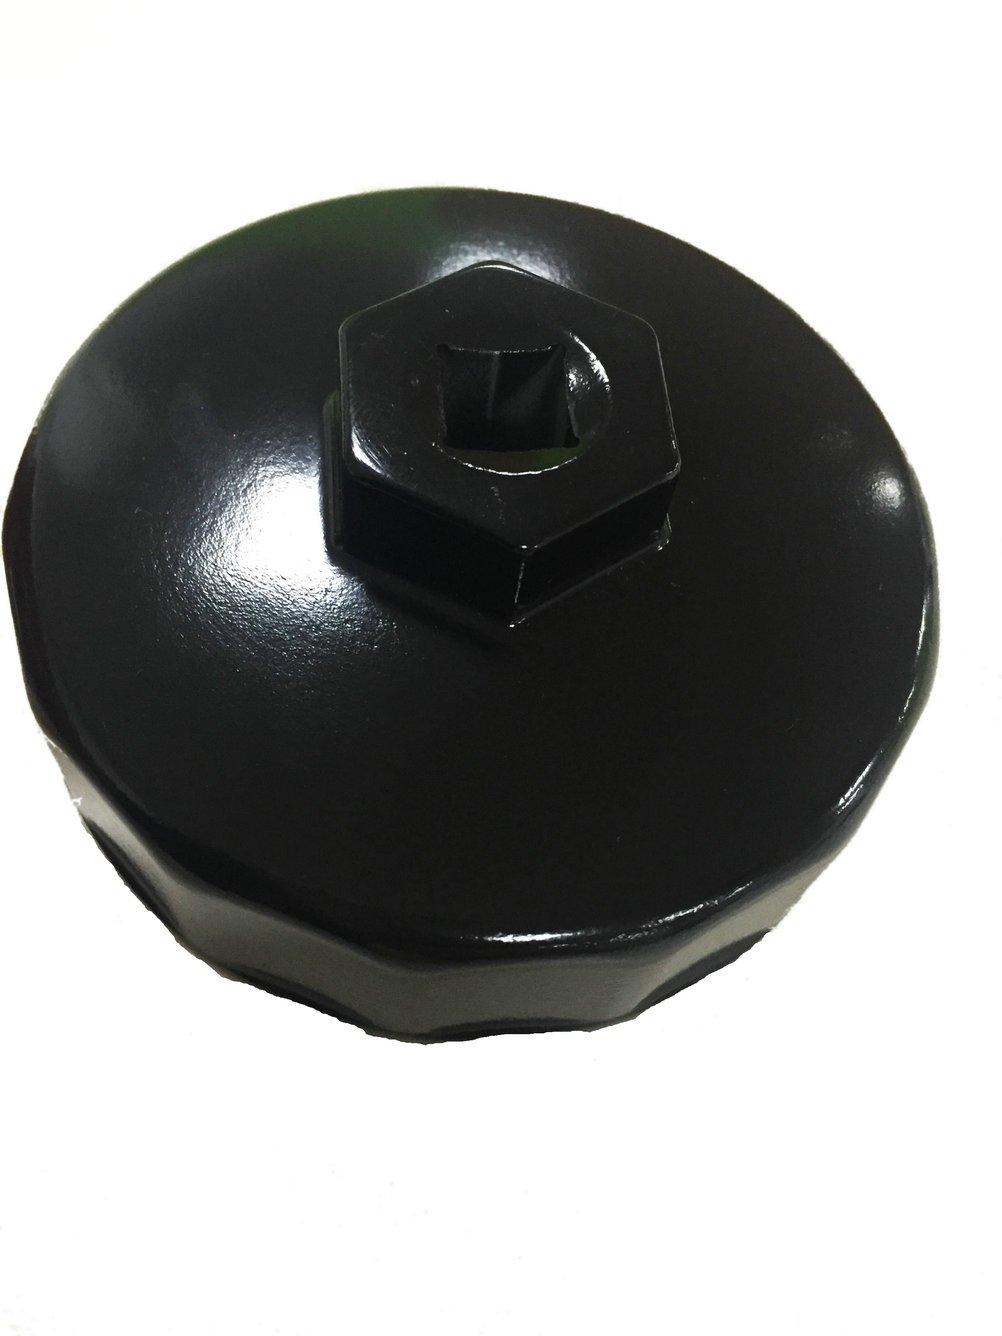 Opall Filtro de aceite llave vivienda tapa para Mazda Porsche VW Audi: Amazon.es: Coche y moto